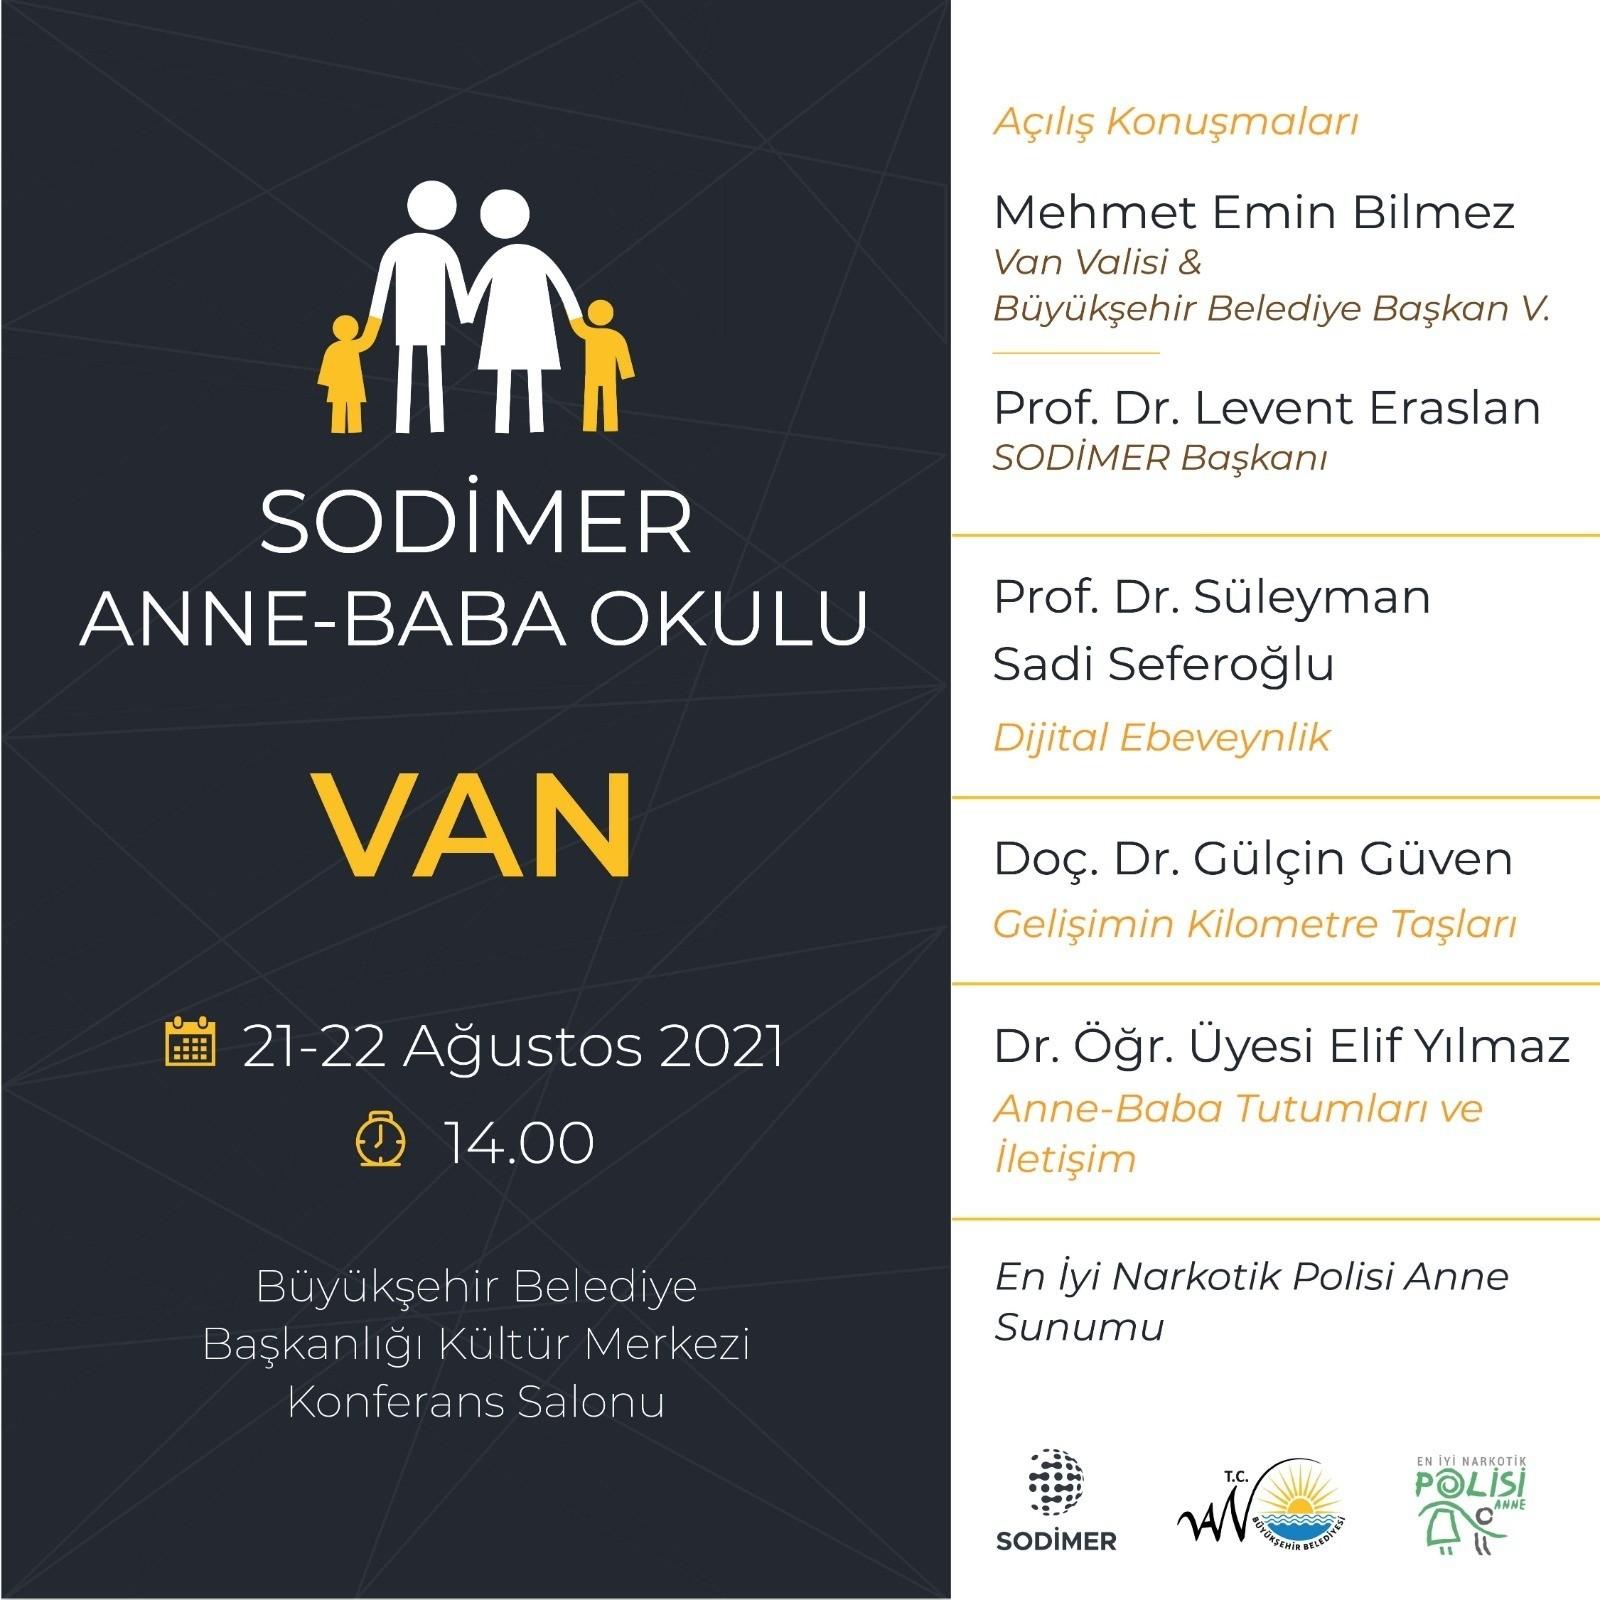 Van Büyükşehir Belediyesi anne-baba okulu semineri düzenleyecek